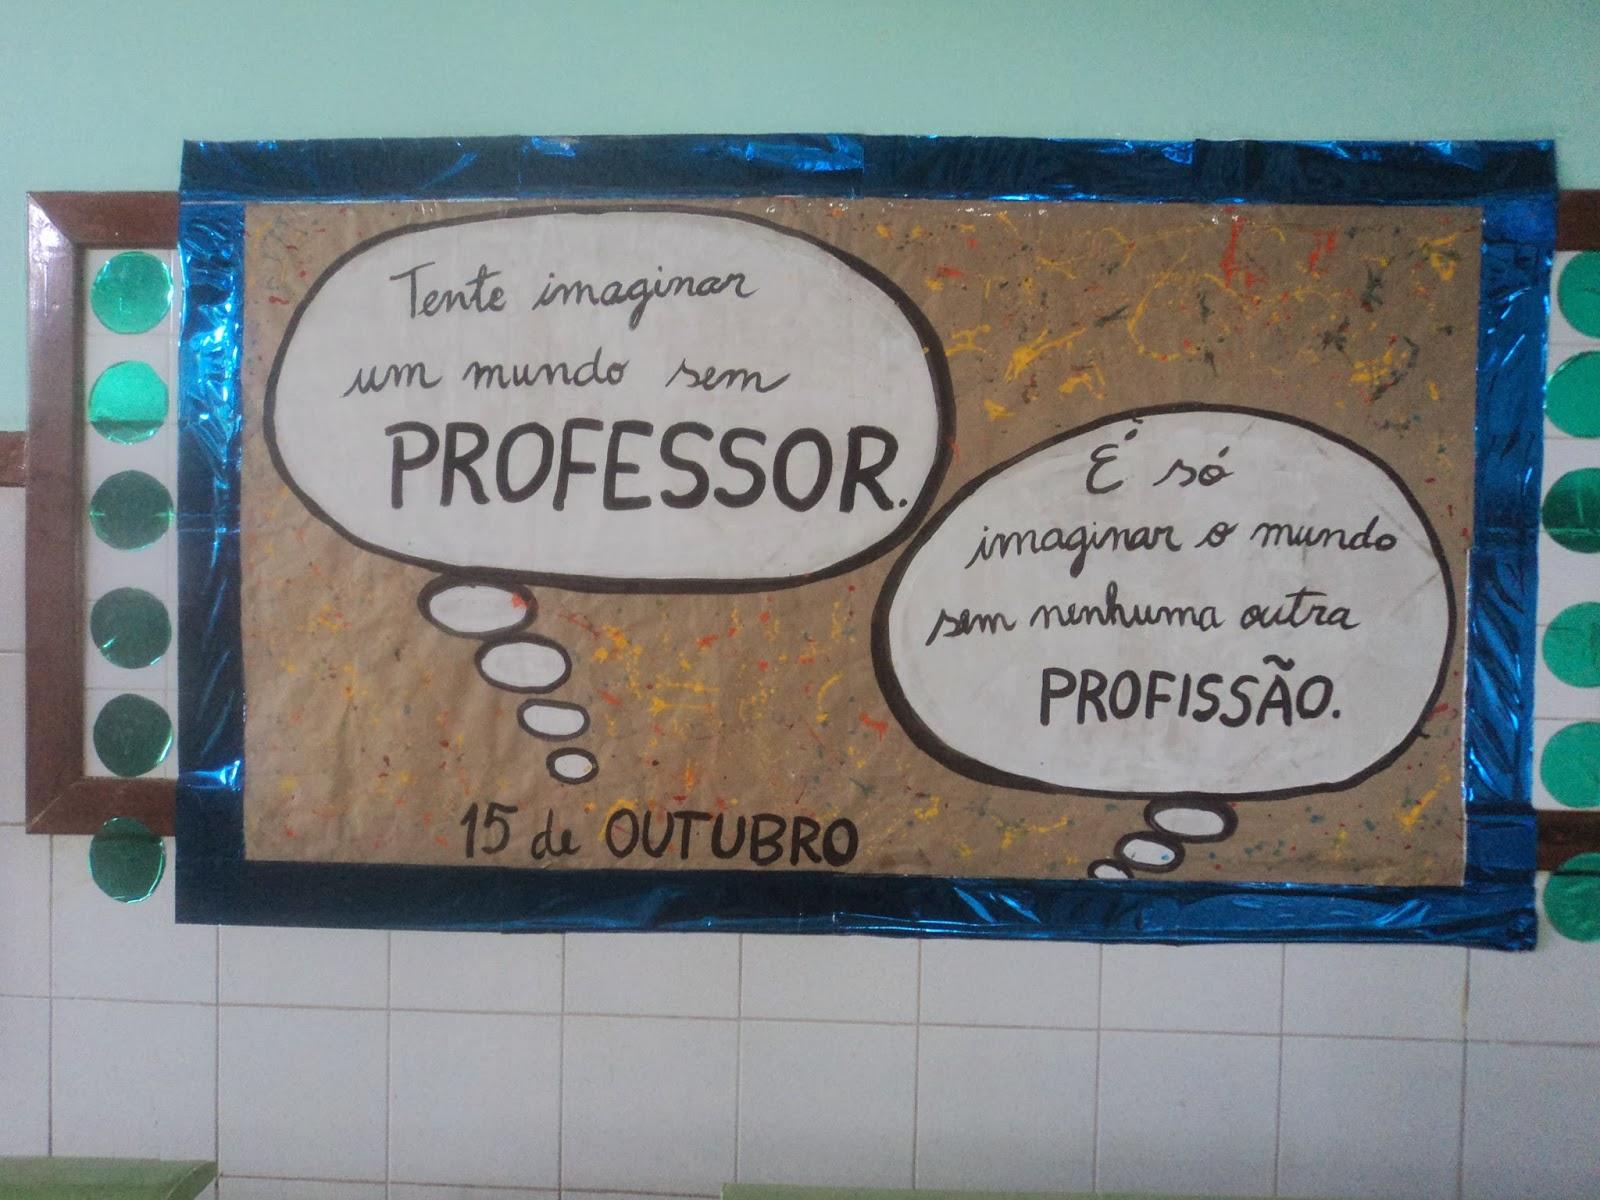 Portfólio De Língua Inglesa: Mural Em Homenagem Ao Dia Do